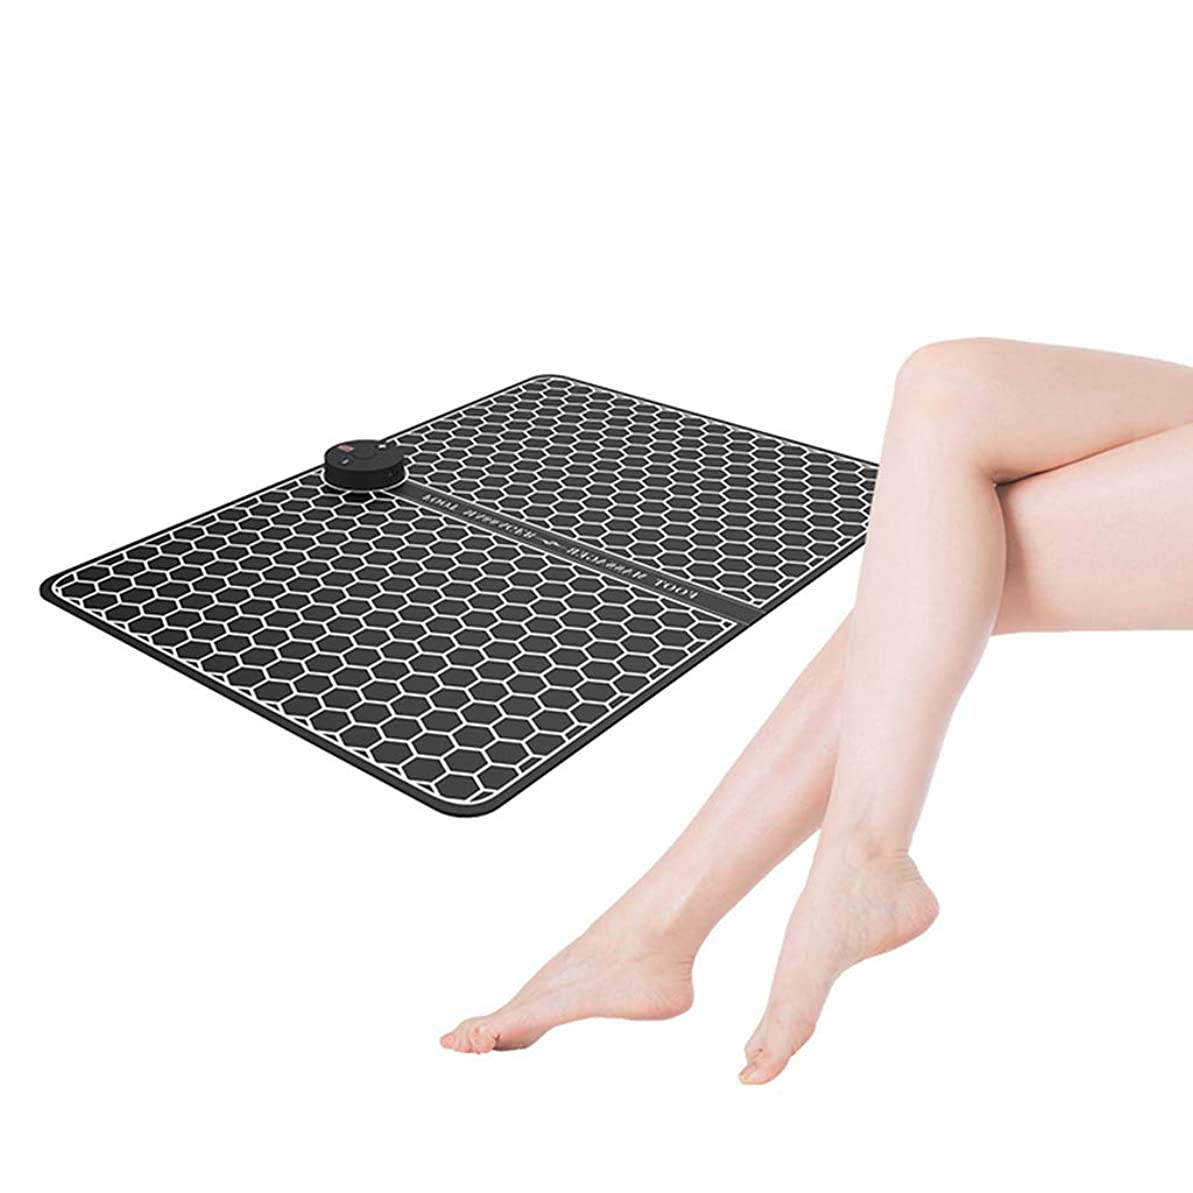 根絶する一時停止天国理性的な理学療法の脈拍のマッサージャー、電気EMSの足のマッサージャーのABS理学療法の生き返らせるペディキュア10の足のバイブレーター無線フィート筋肉刺激物男女兼用